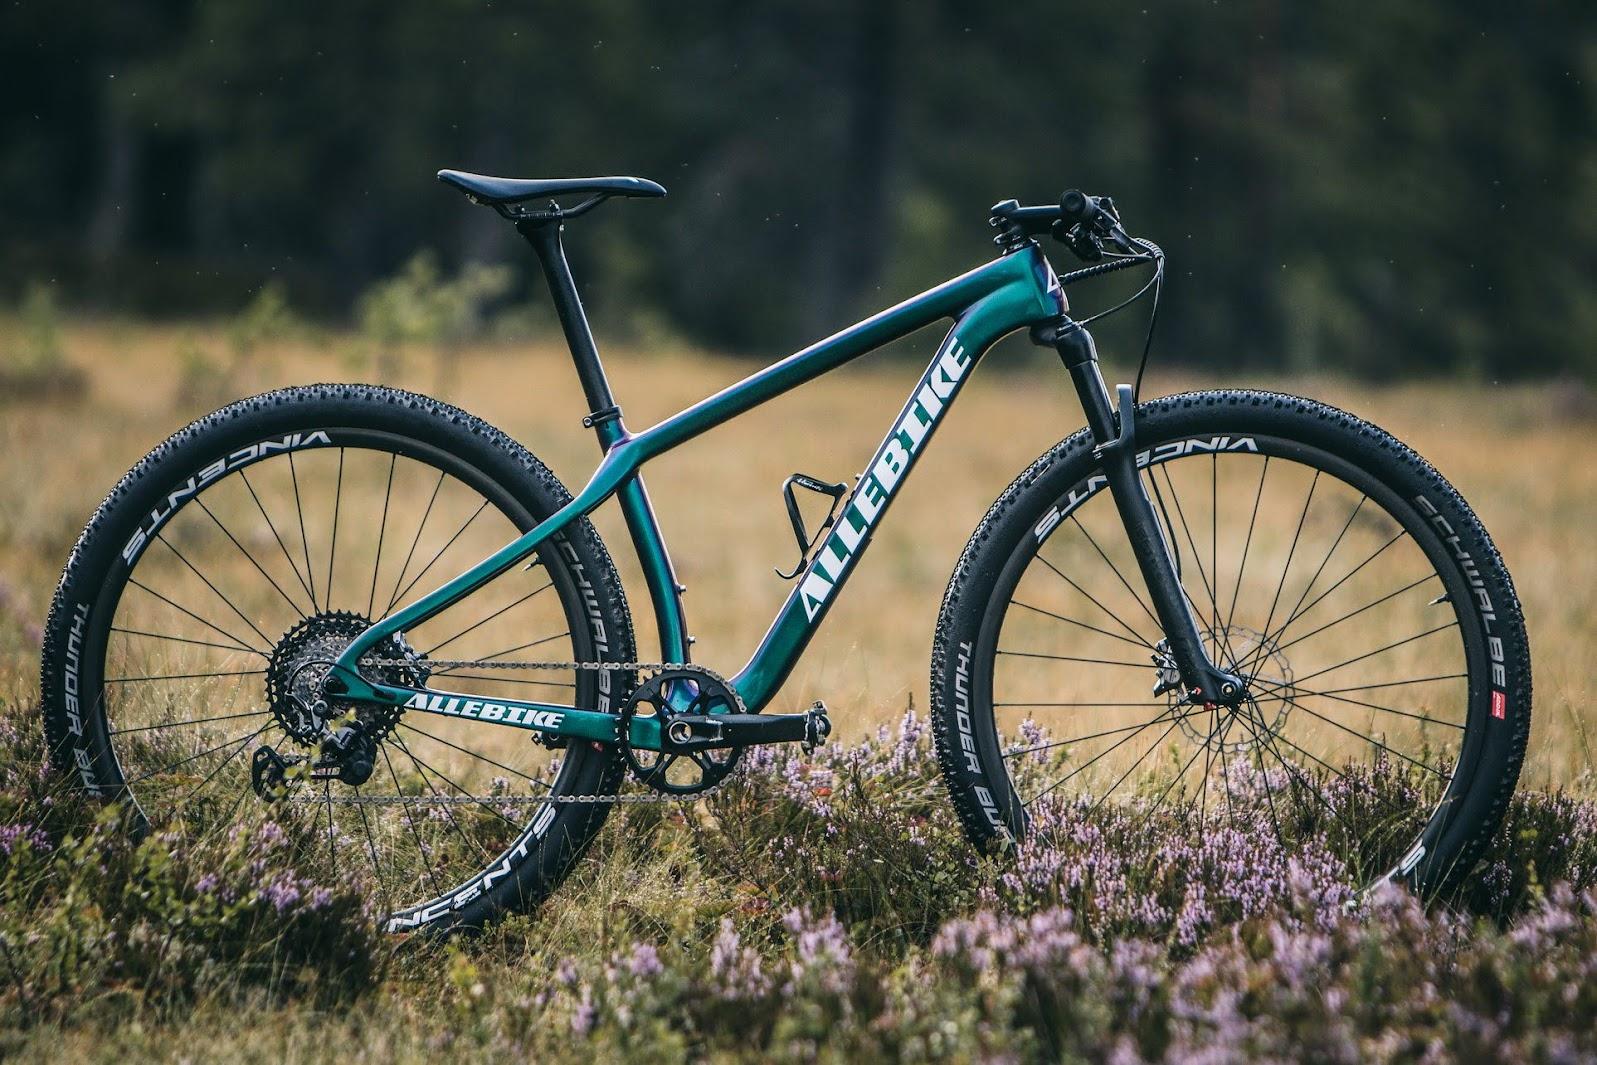 Hardtail Mountainbike från Allebike för tävling och träning.